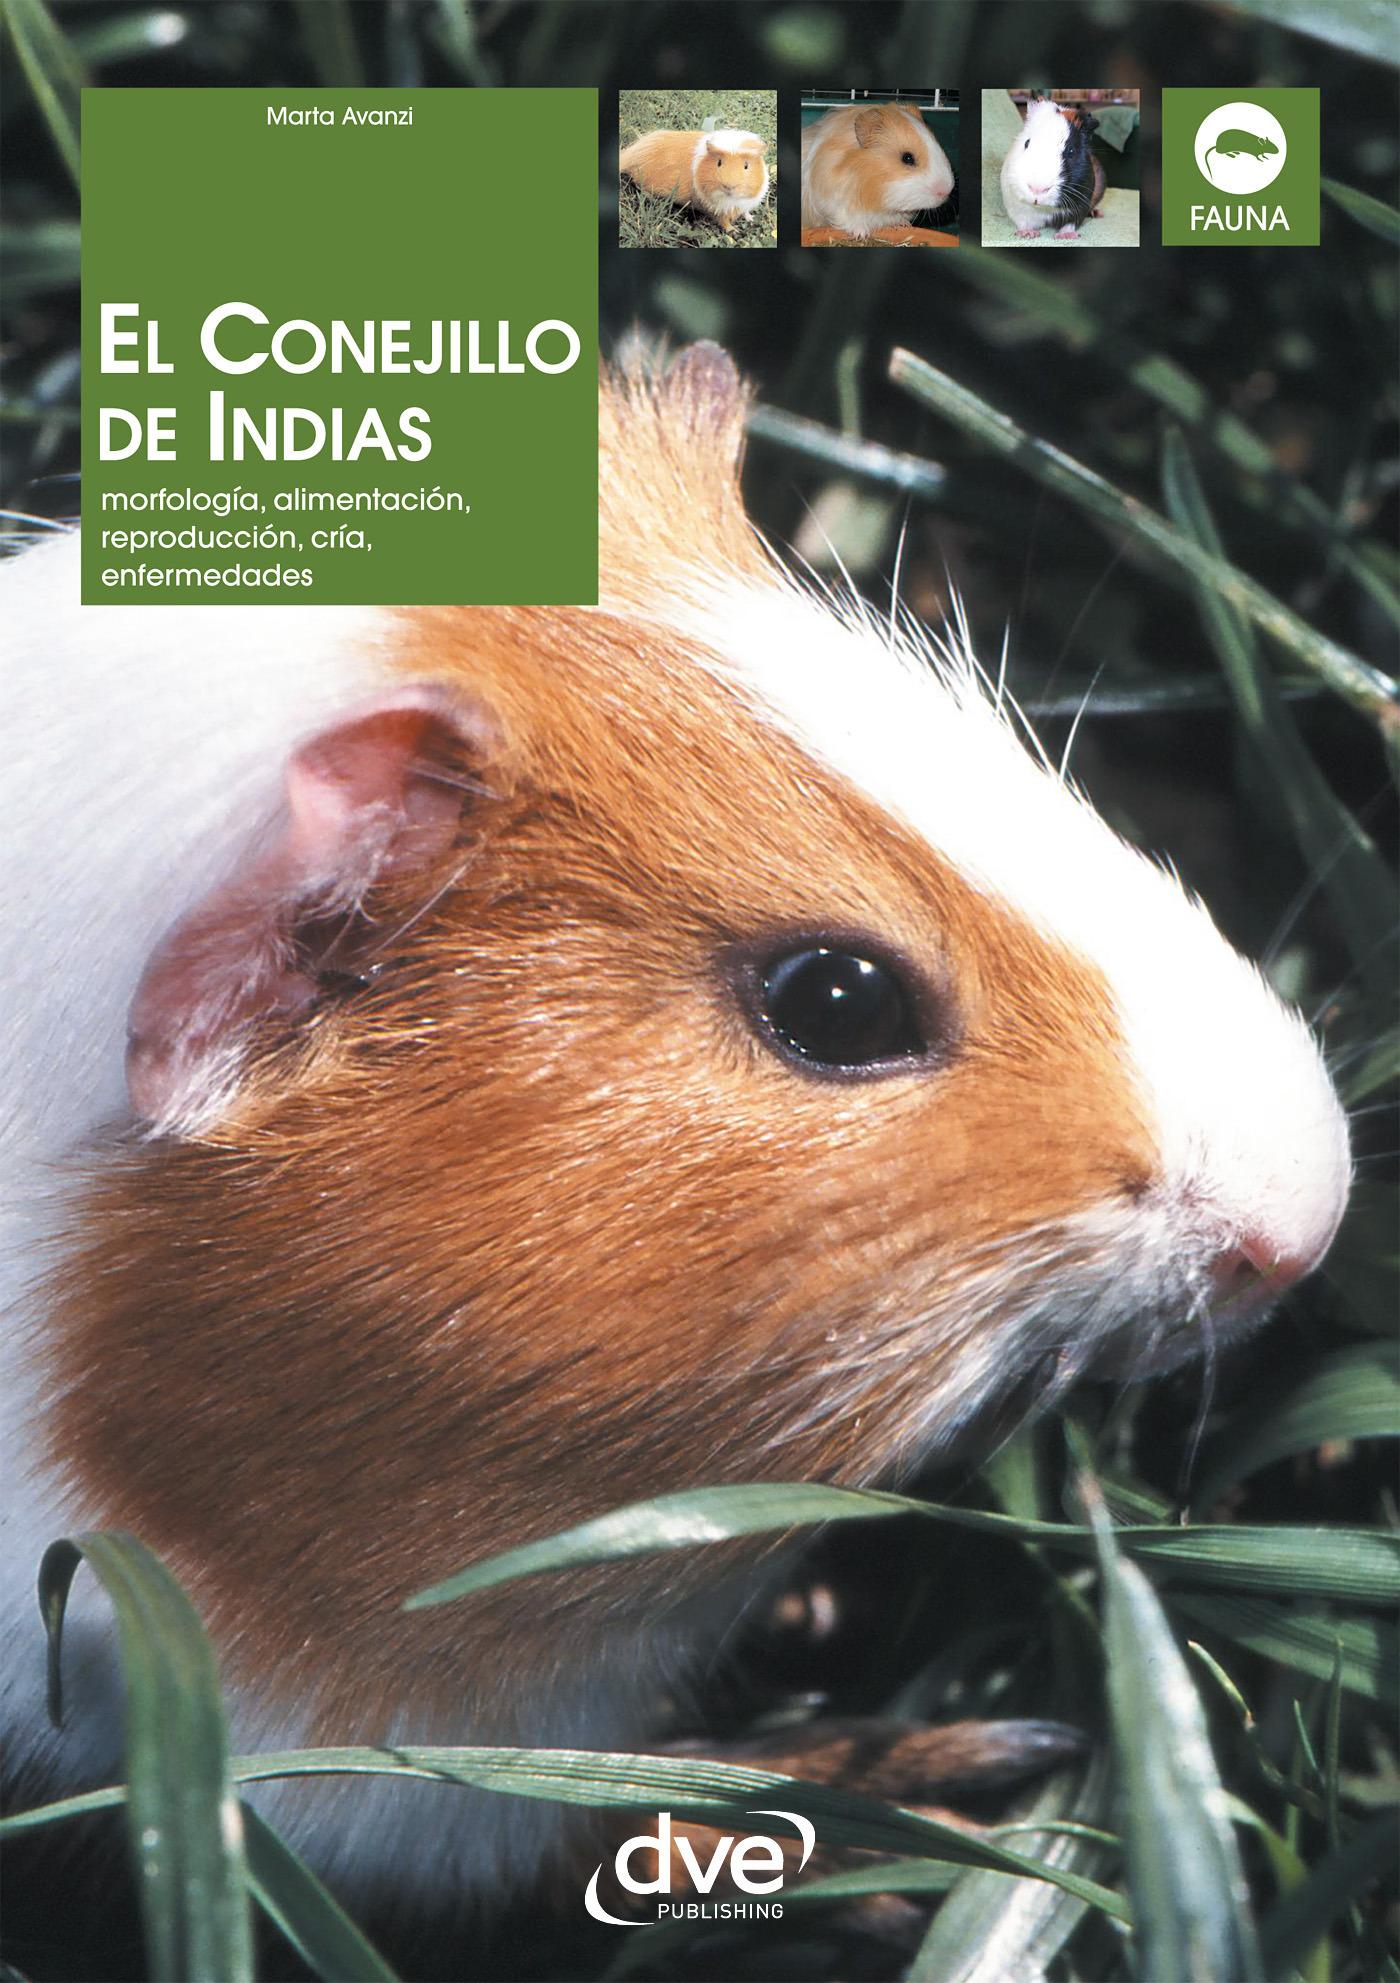 Avanzi, Marta - El Conejillo de Indias. Morfología, alimentación, reproducción, prevención y tratamiento de las enfermedades, ebook